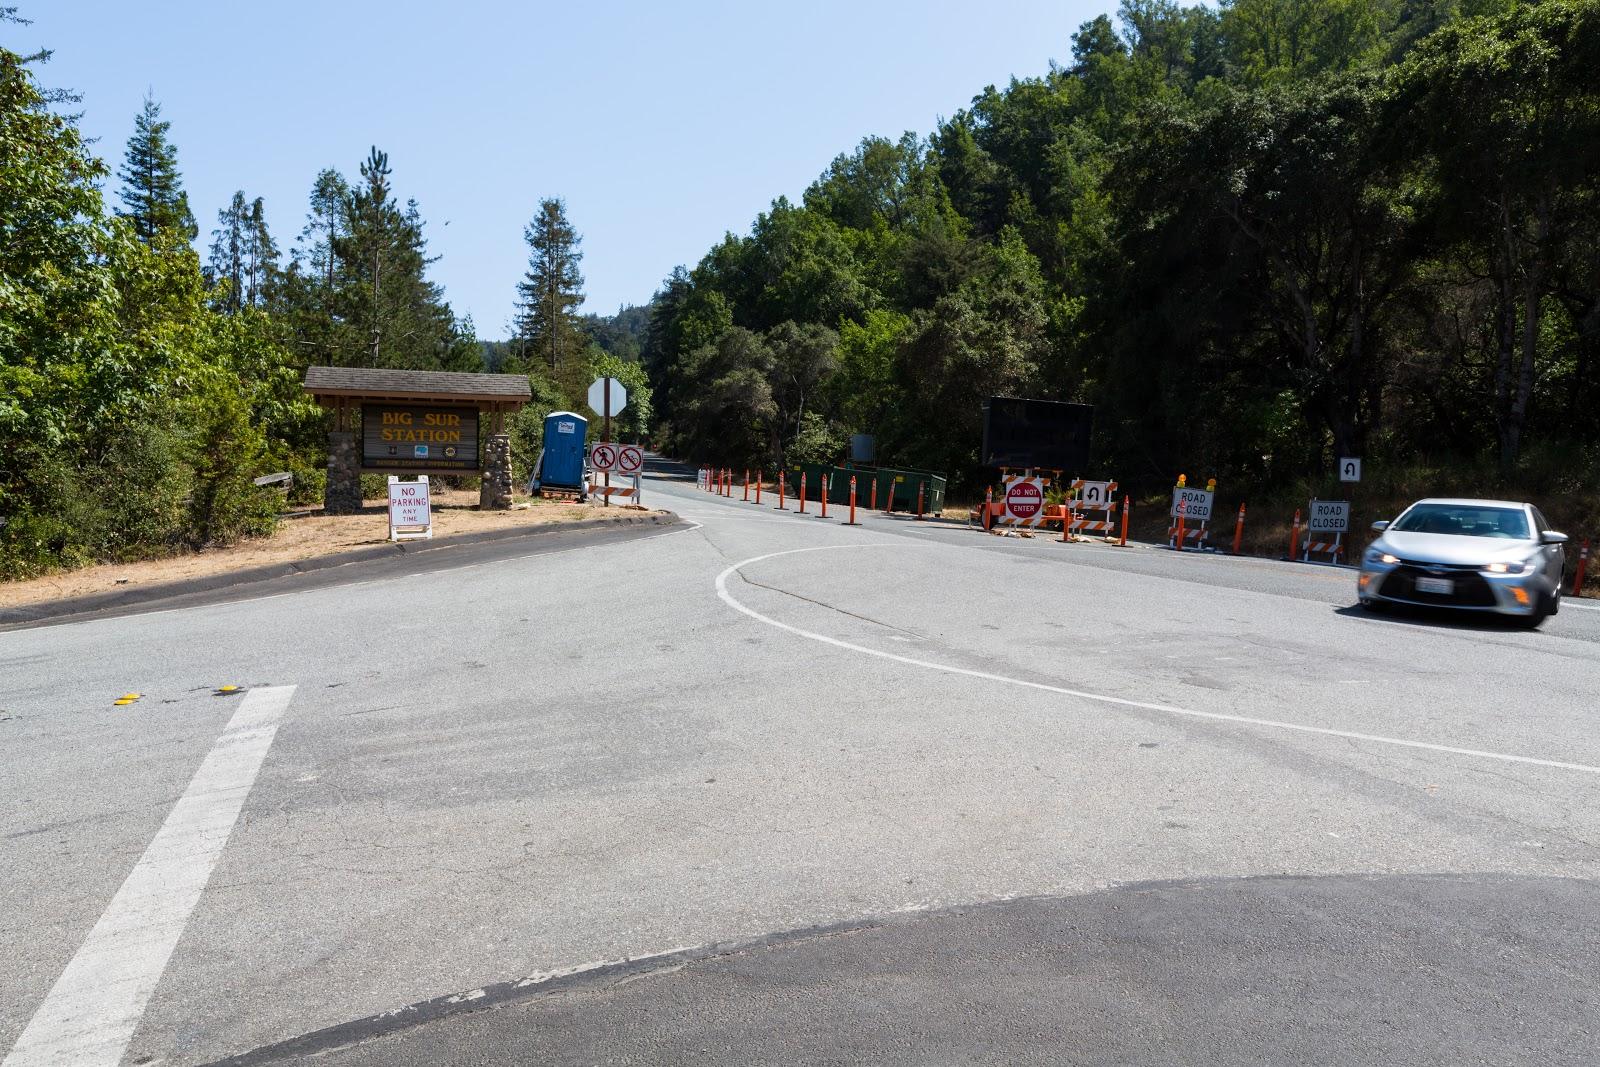 Naturetastic Blog: State Route 1 & Moss Landing, CA (8/10/2017)